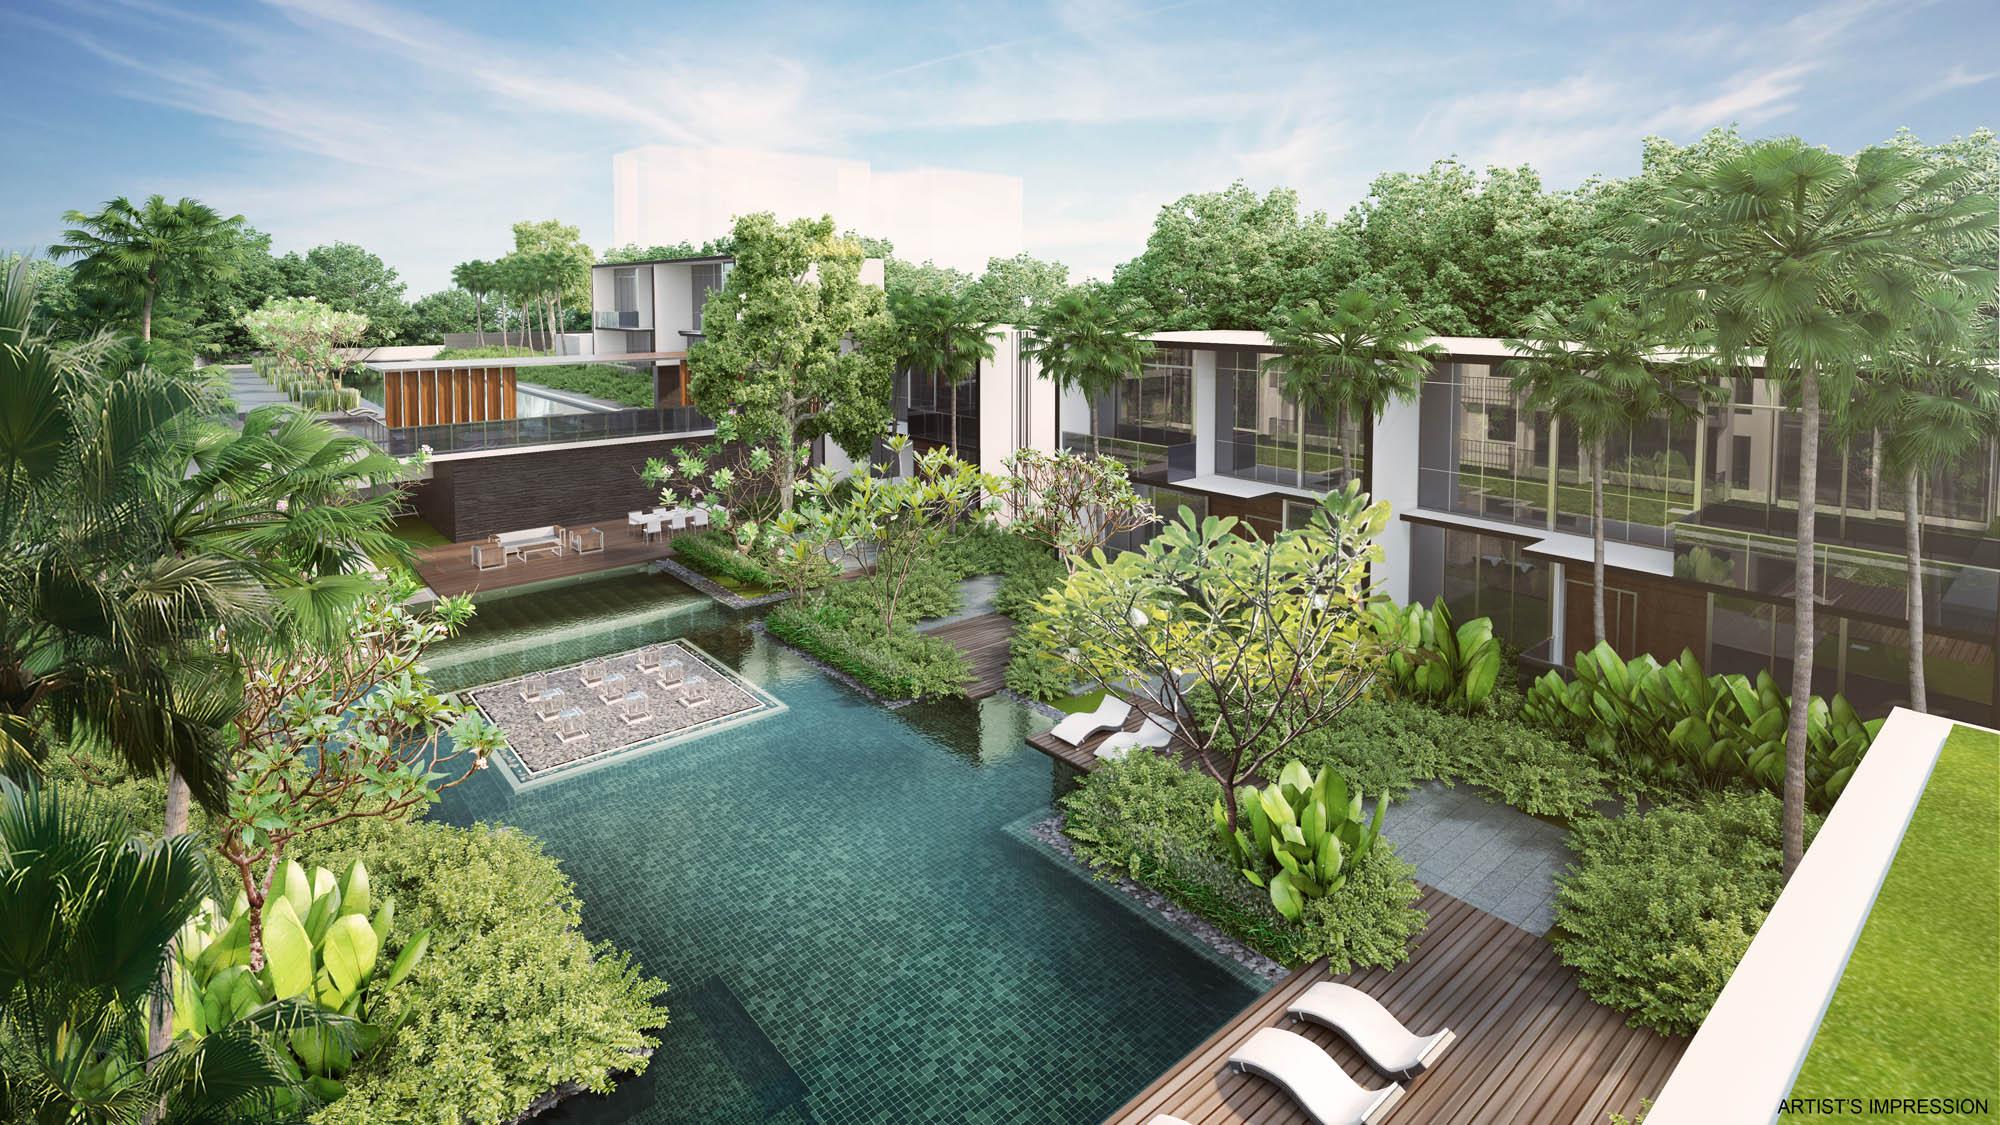 Singapore condo near thomson east coast line